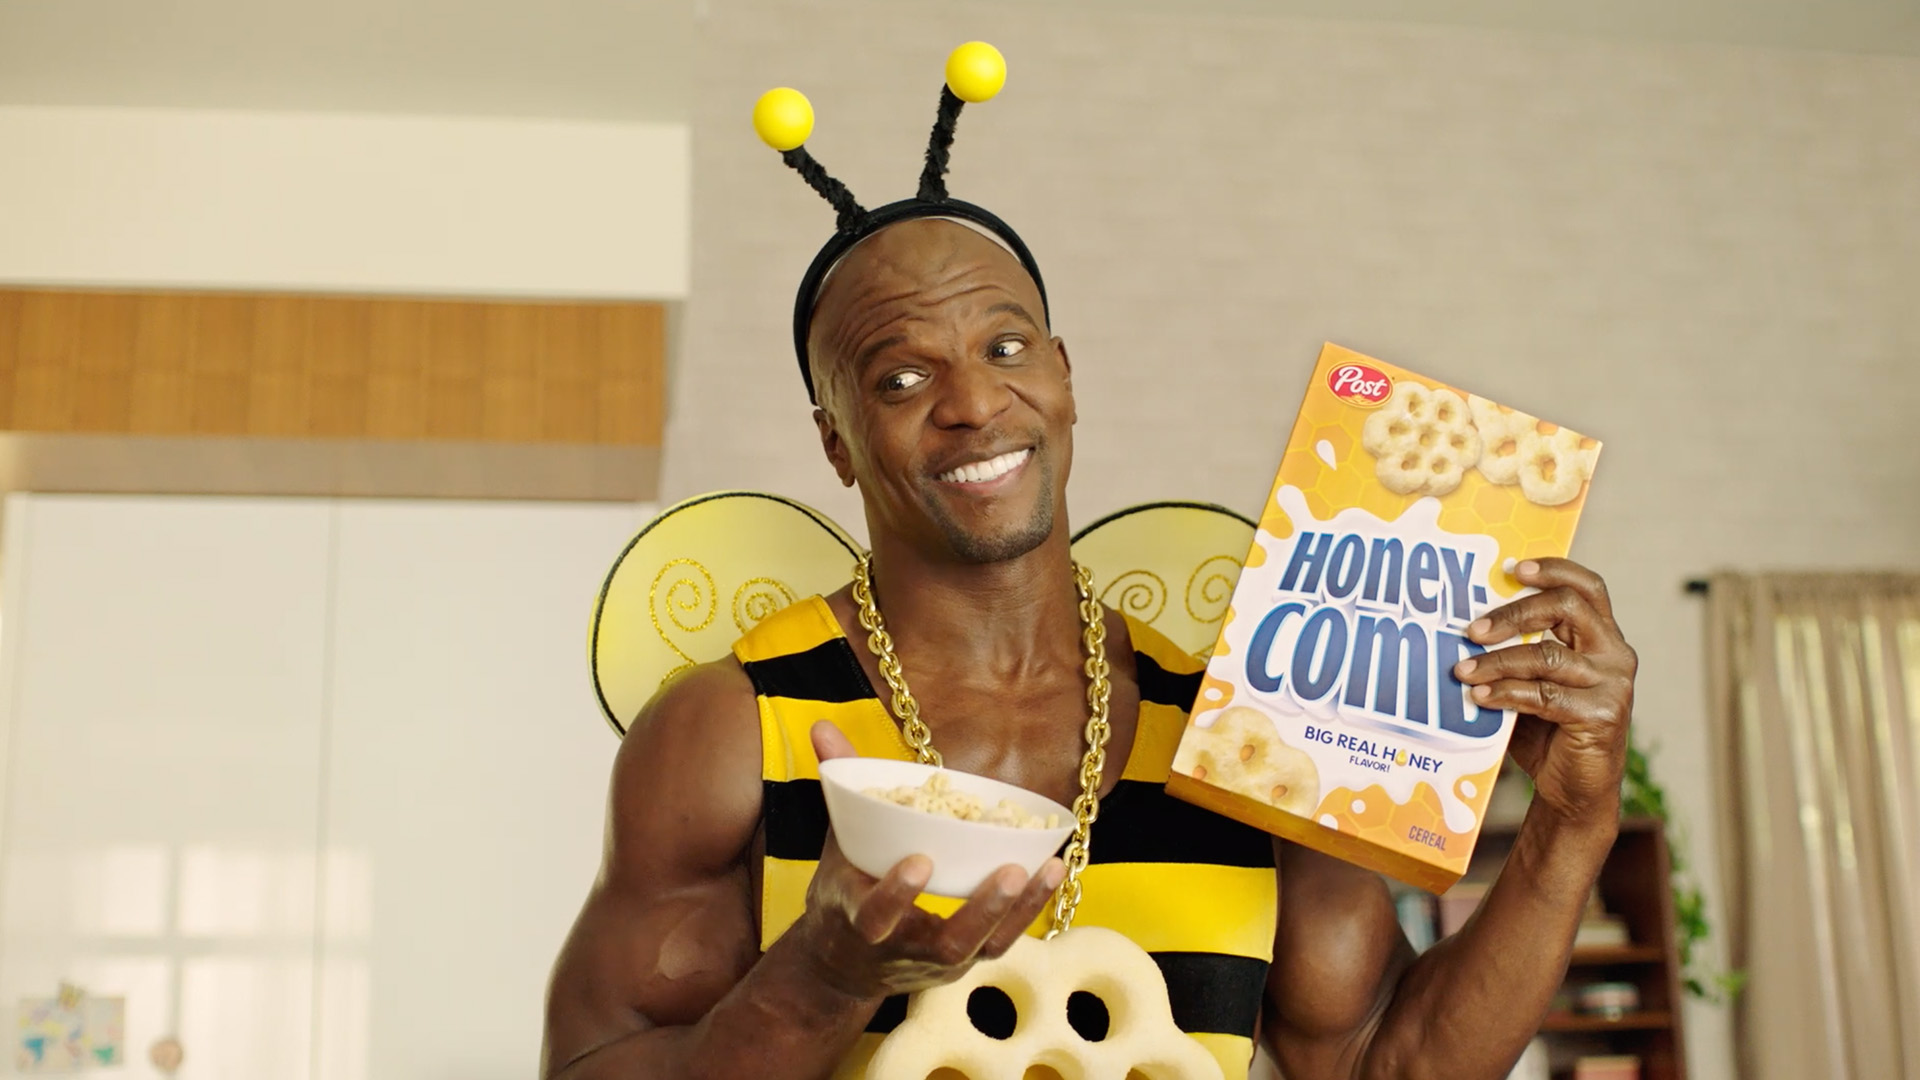 Big Honey